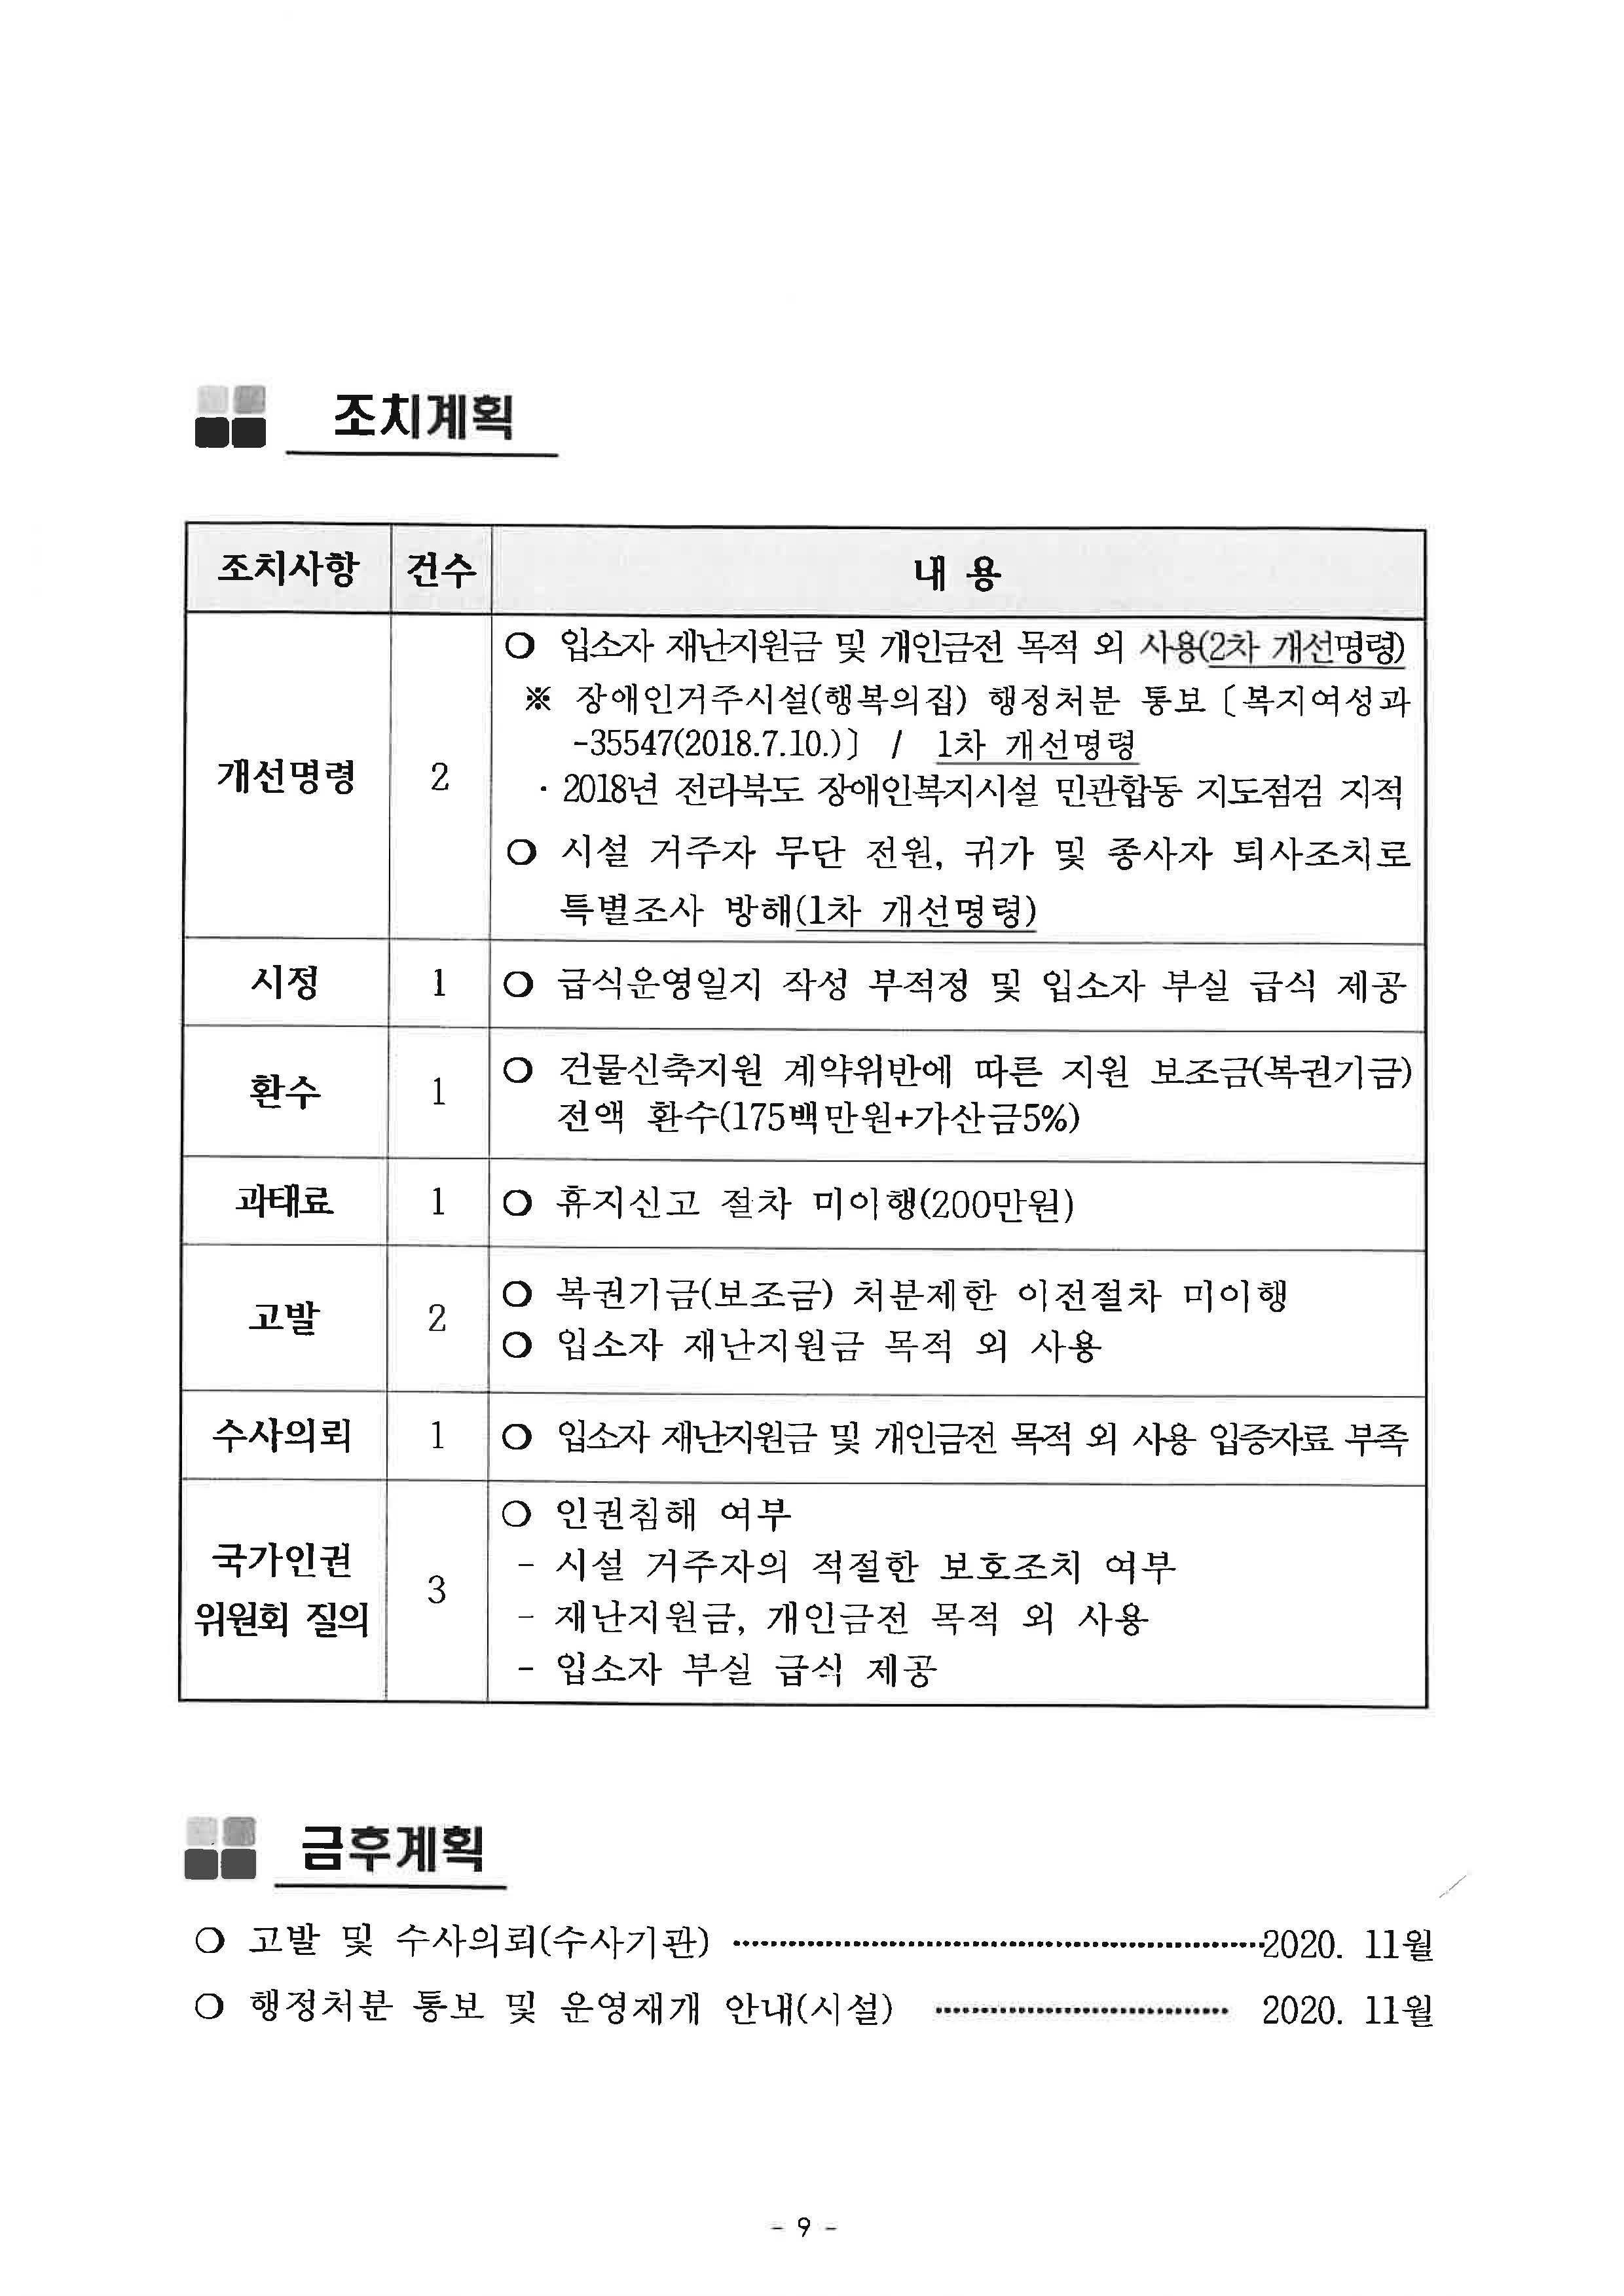 정읍시 노인장애인과-36698(2020.11.2)호_장애인거주시설(행복의집)특별조사 결과 보고_페이지_9.jpg